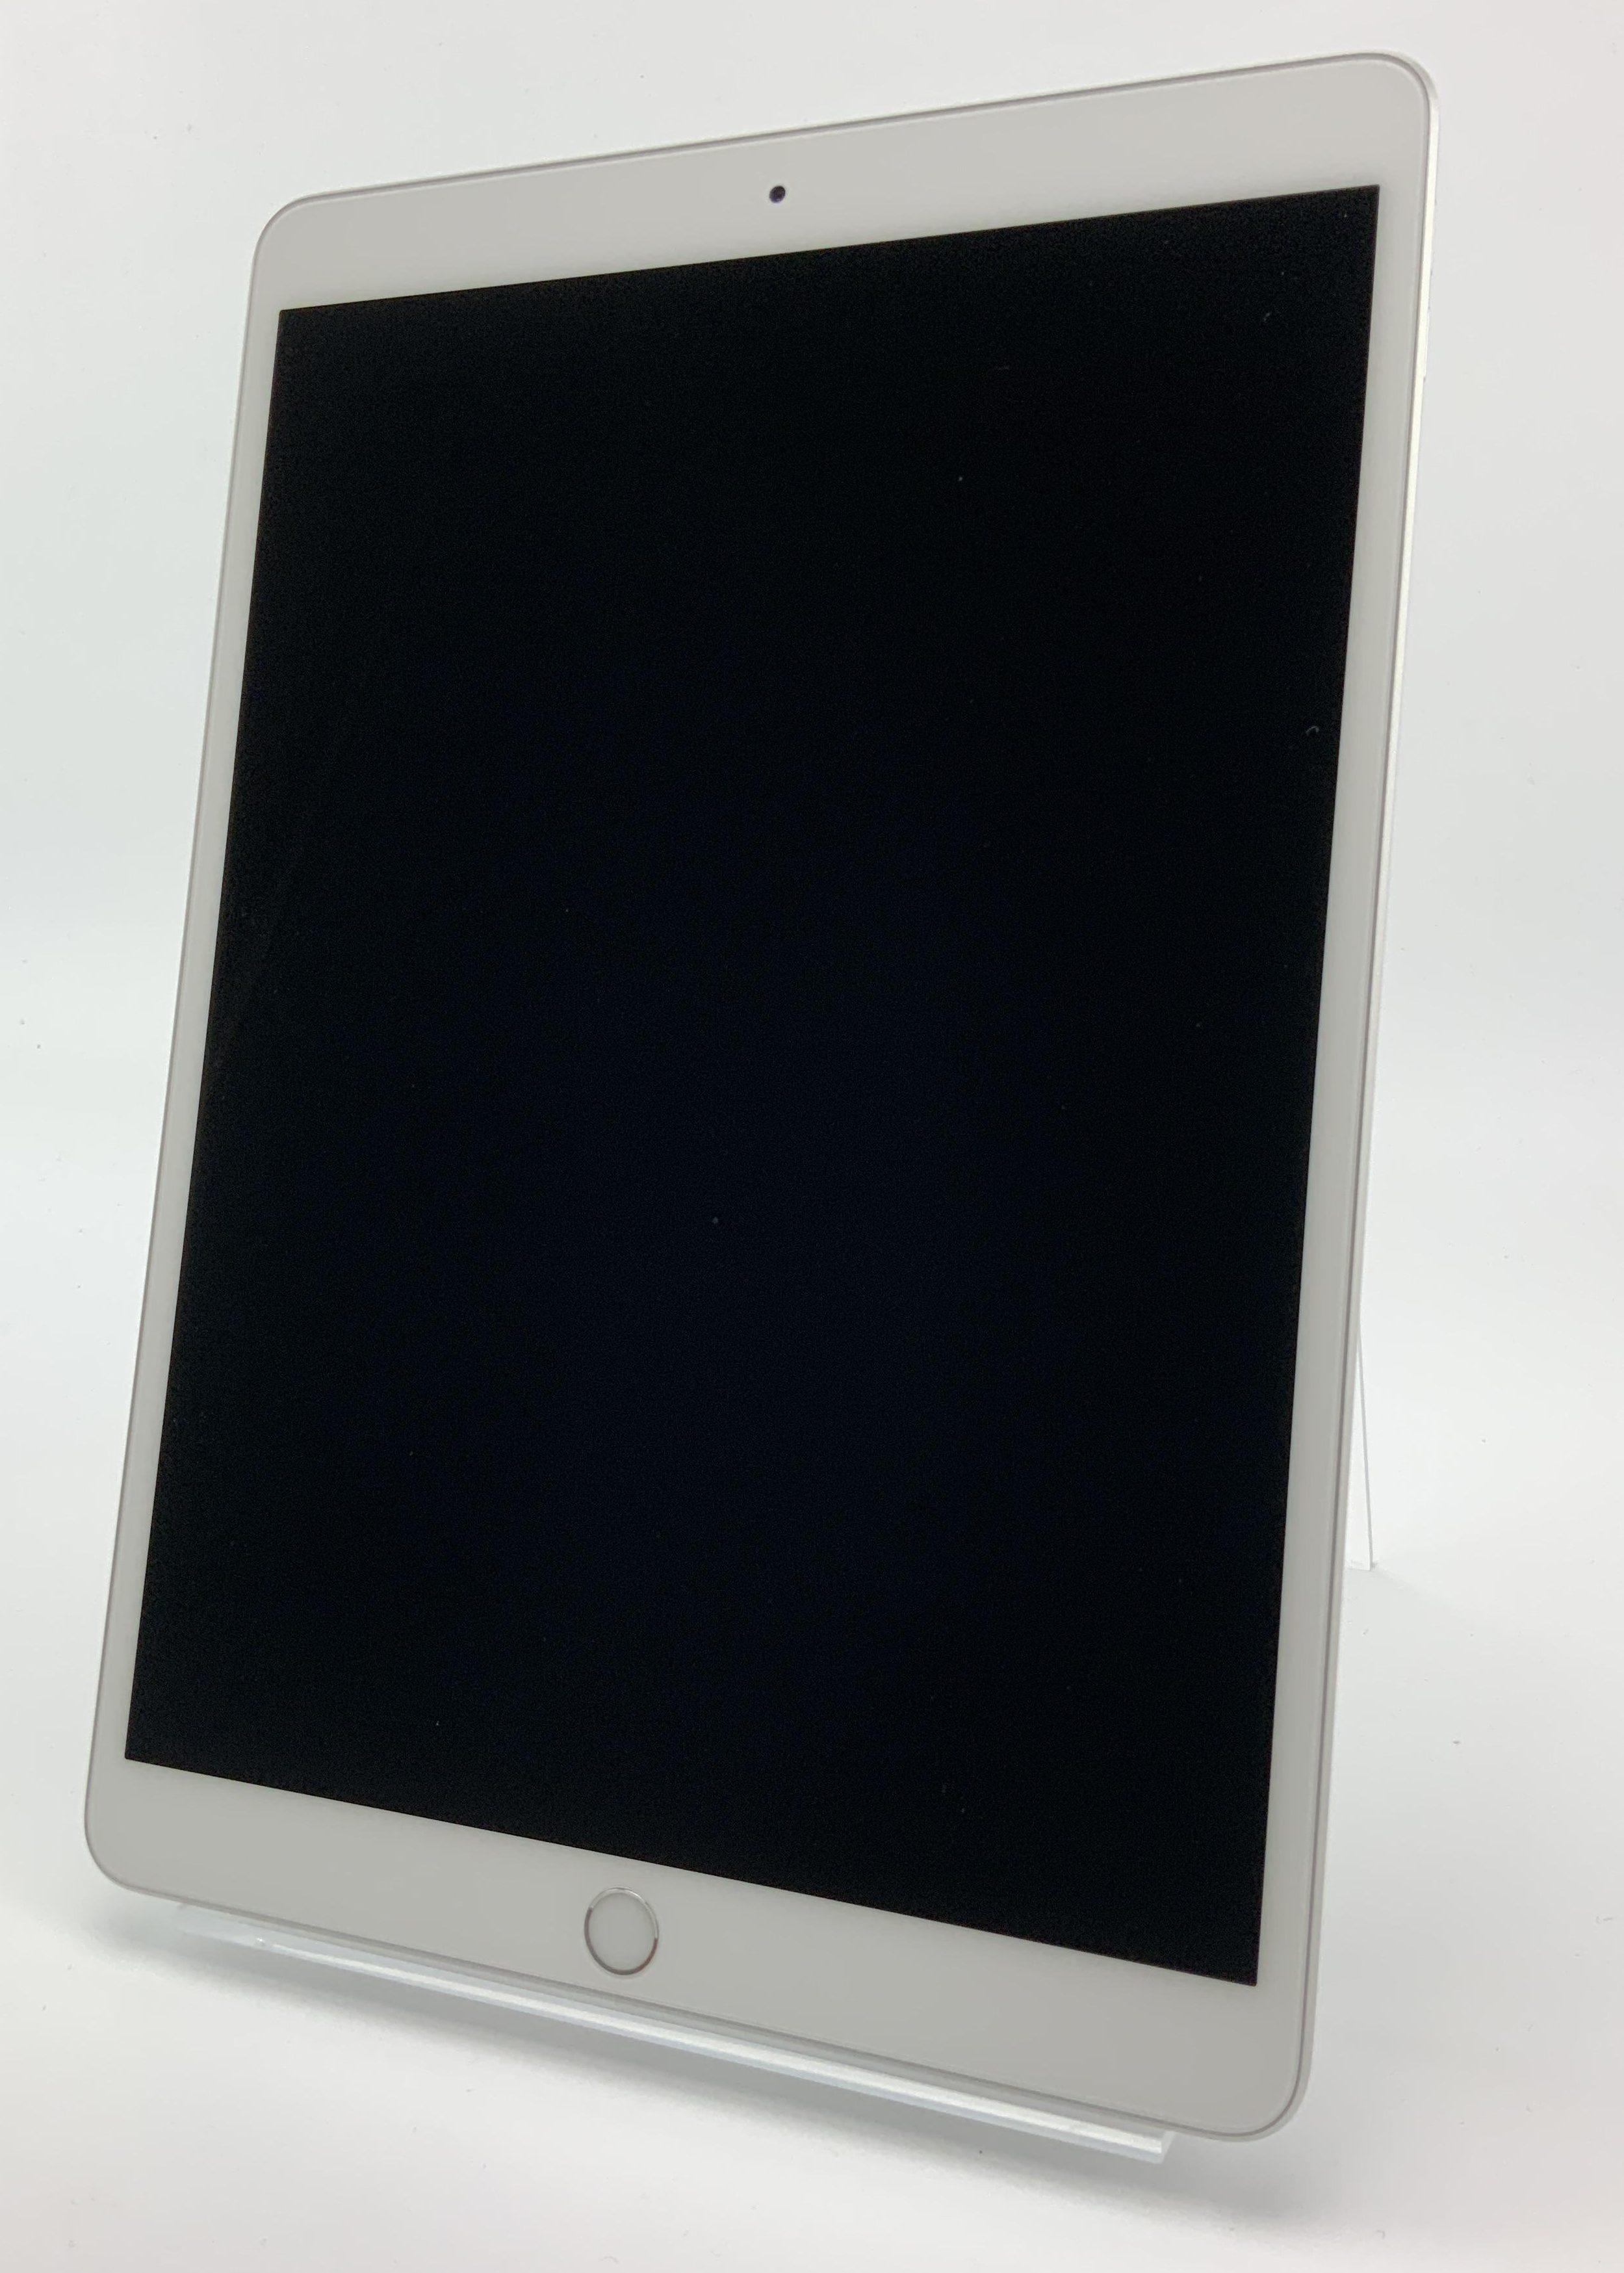 iPad Air 3 Wi-Fi 64GB, 64GB, Silver, immagine 1